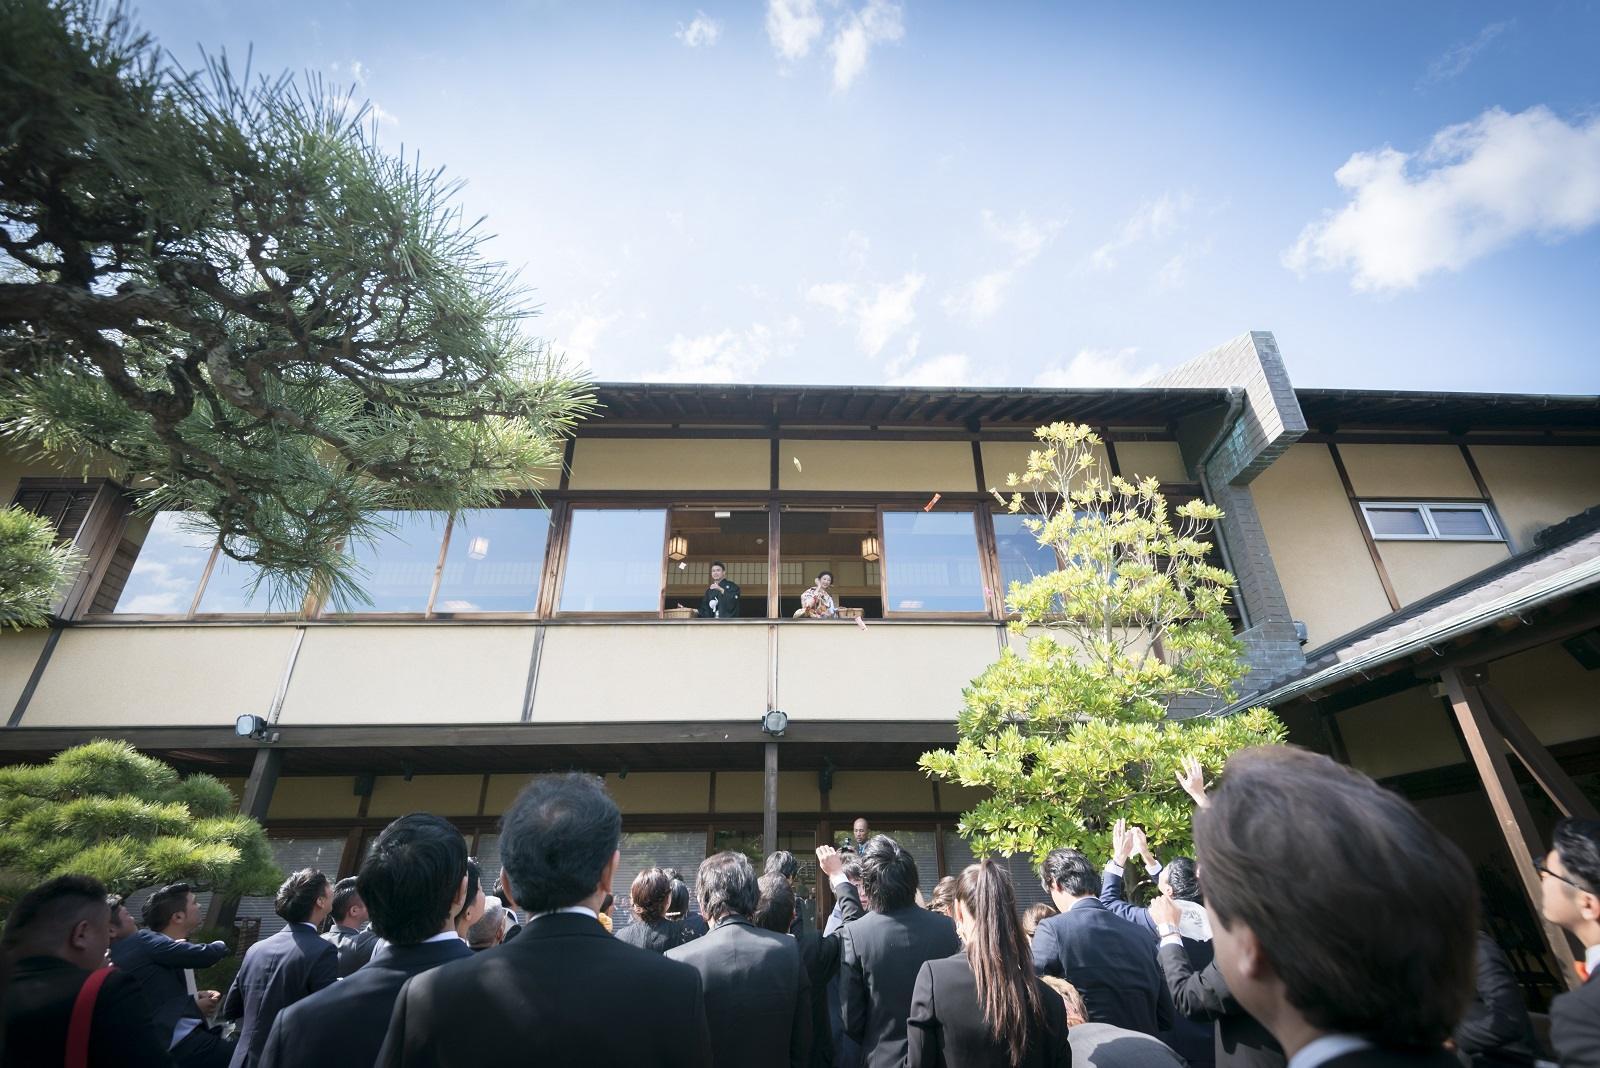 香川県高松市の小さな結婚式相談カウンターマリマリコンシェルジュのご紹介式場 弓絃葉での結婚式風景